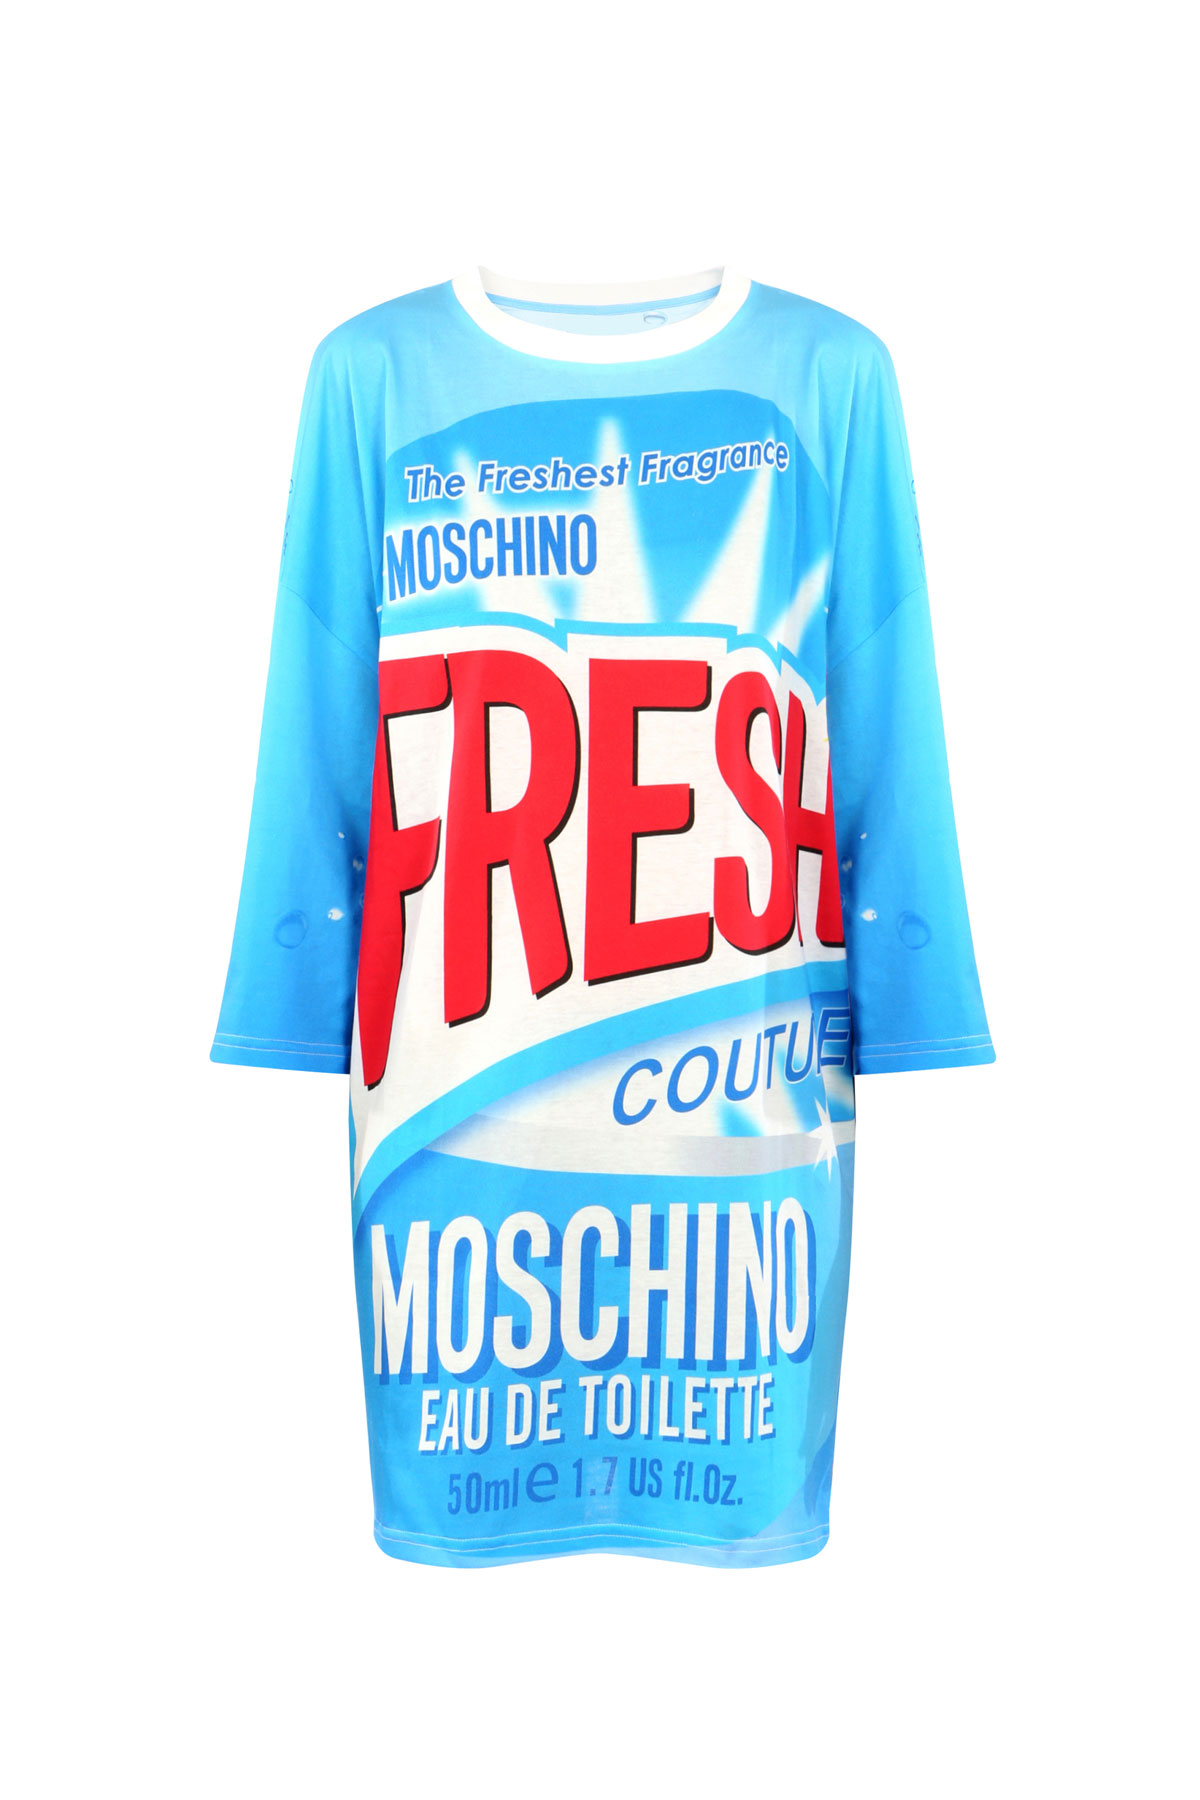 Moschino, colección cápsula Fresh. Vestido